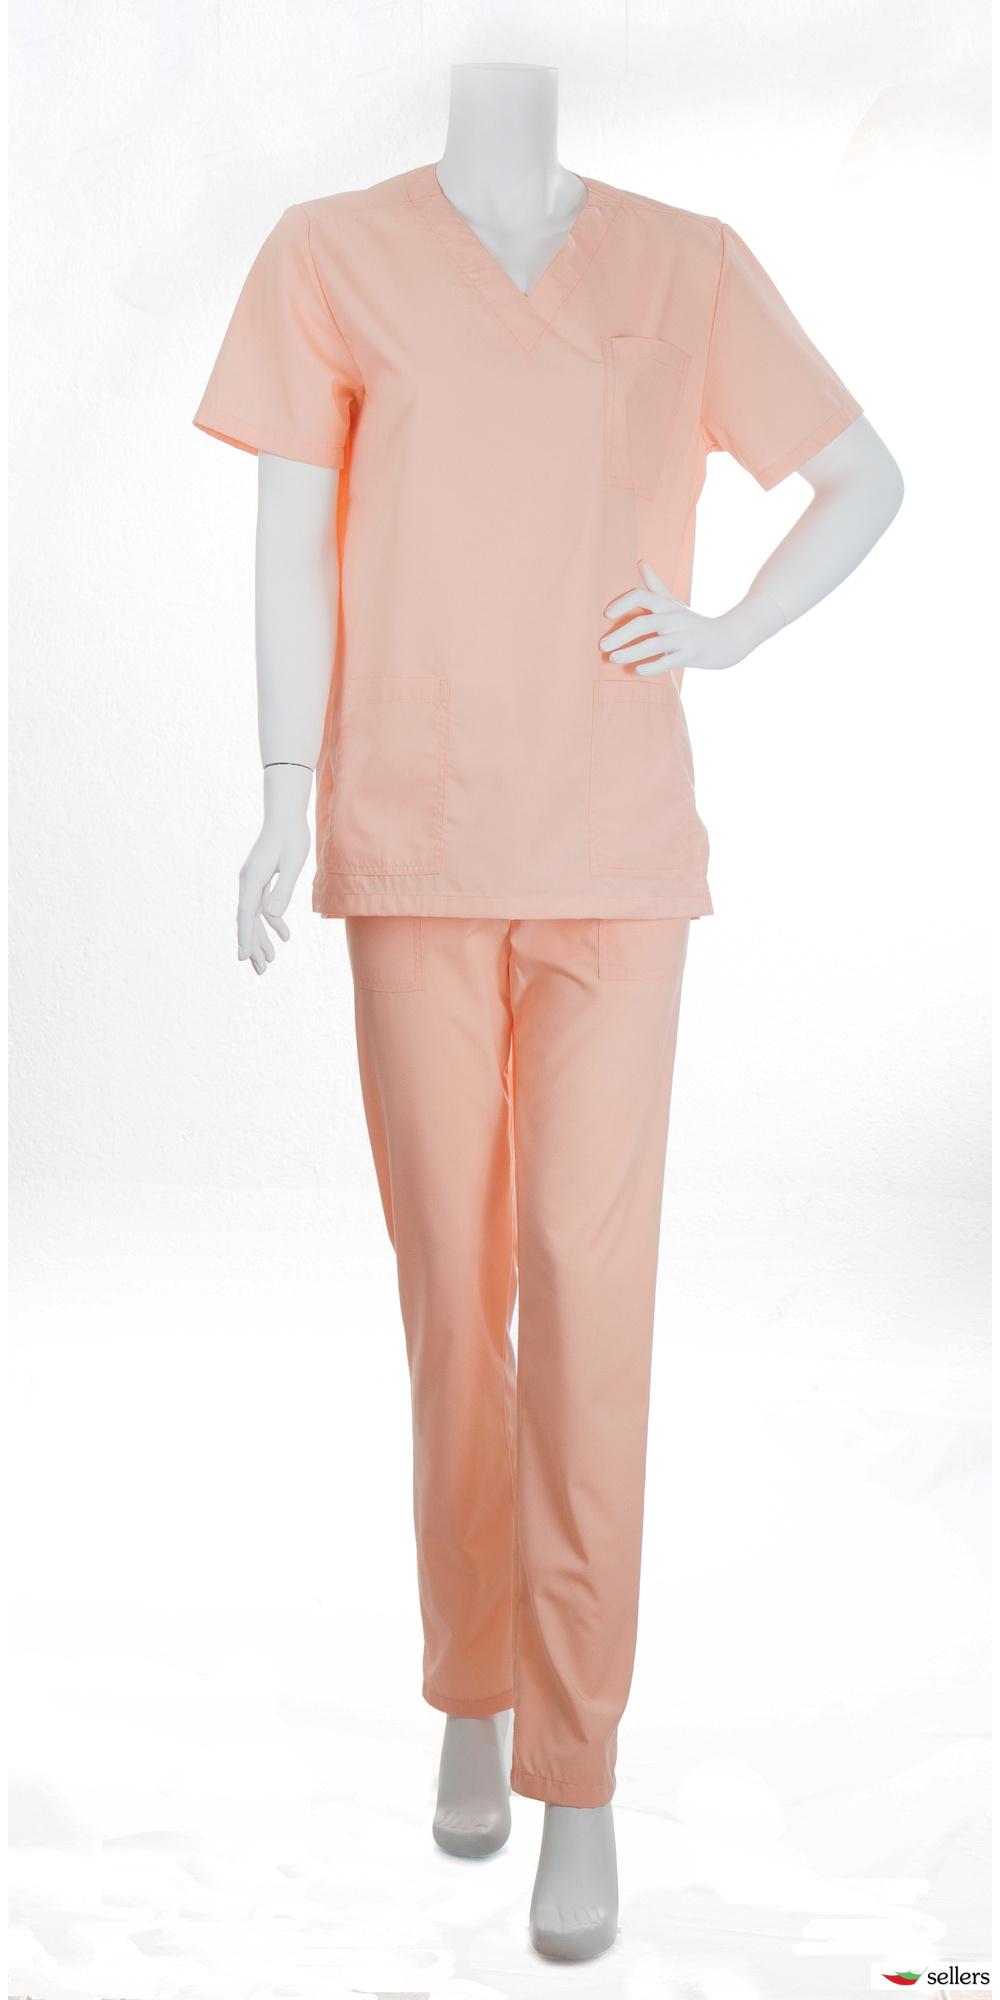 Медицински костюм унисекс в различни цветове